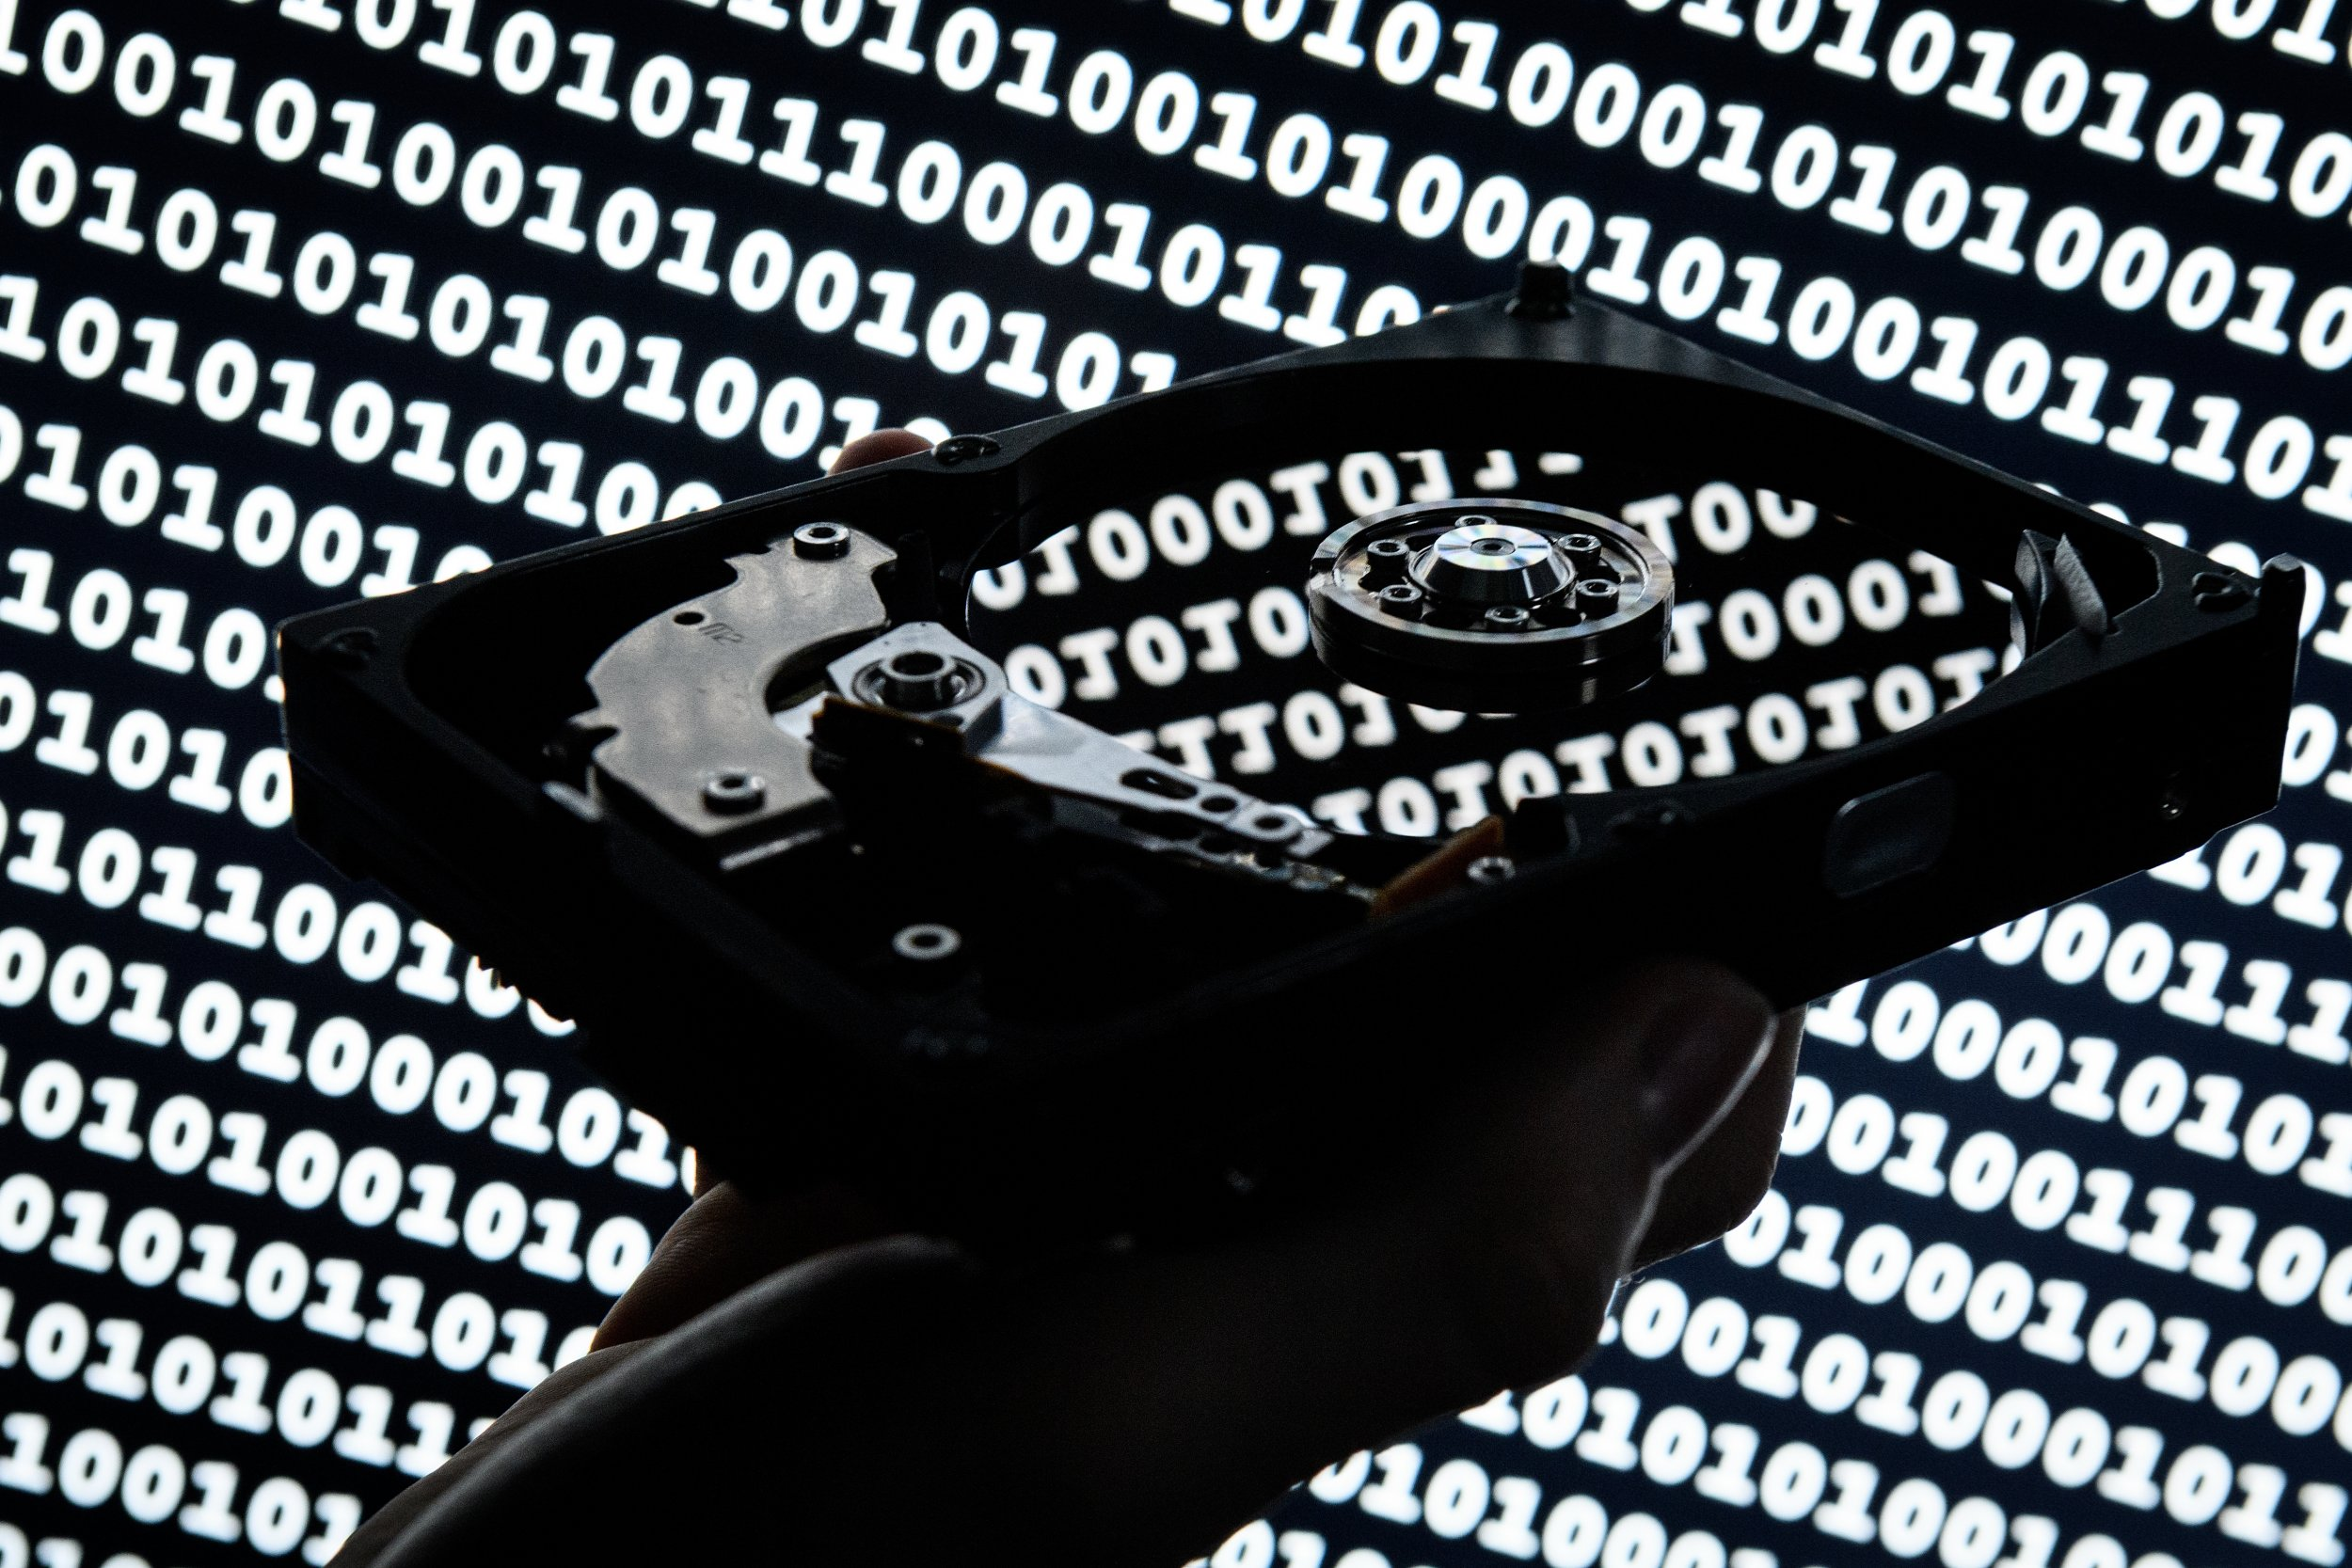 03_13_quantum_information_speed